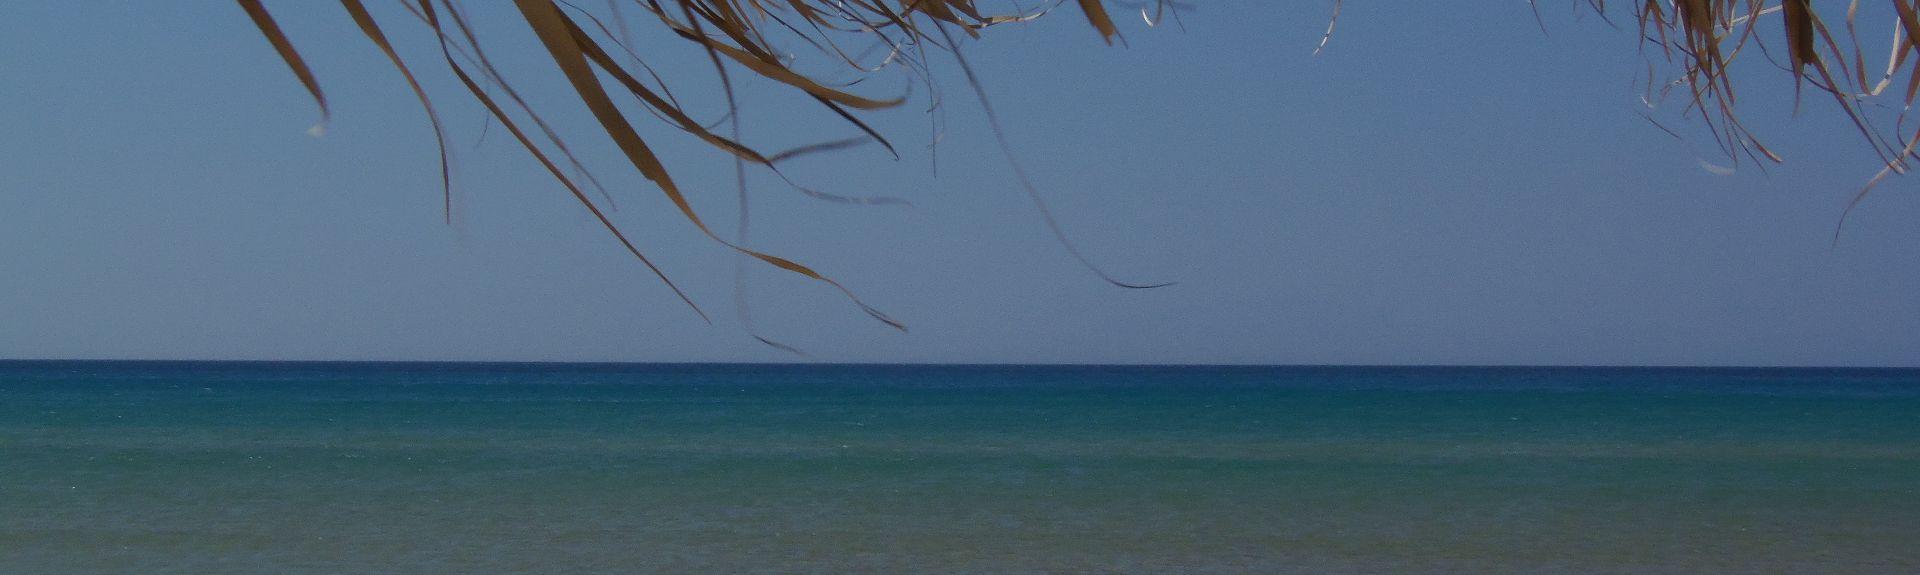 Saronische eilanden, Griekenland